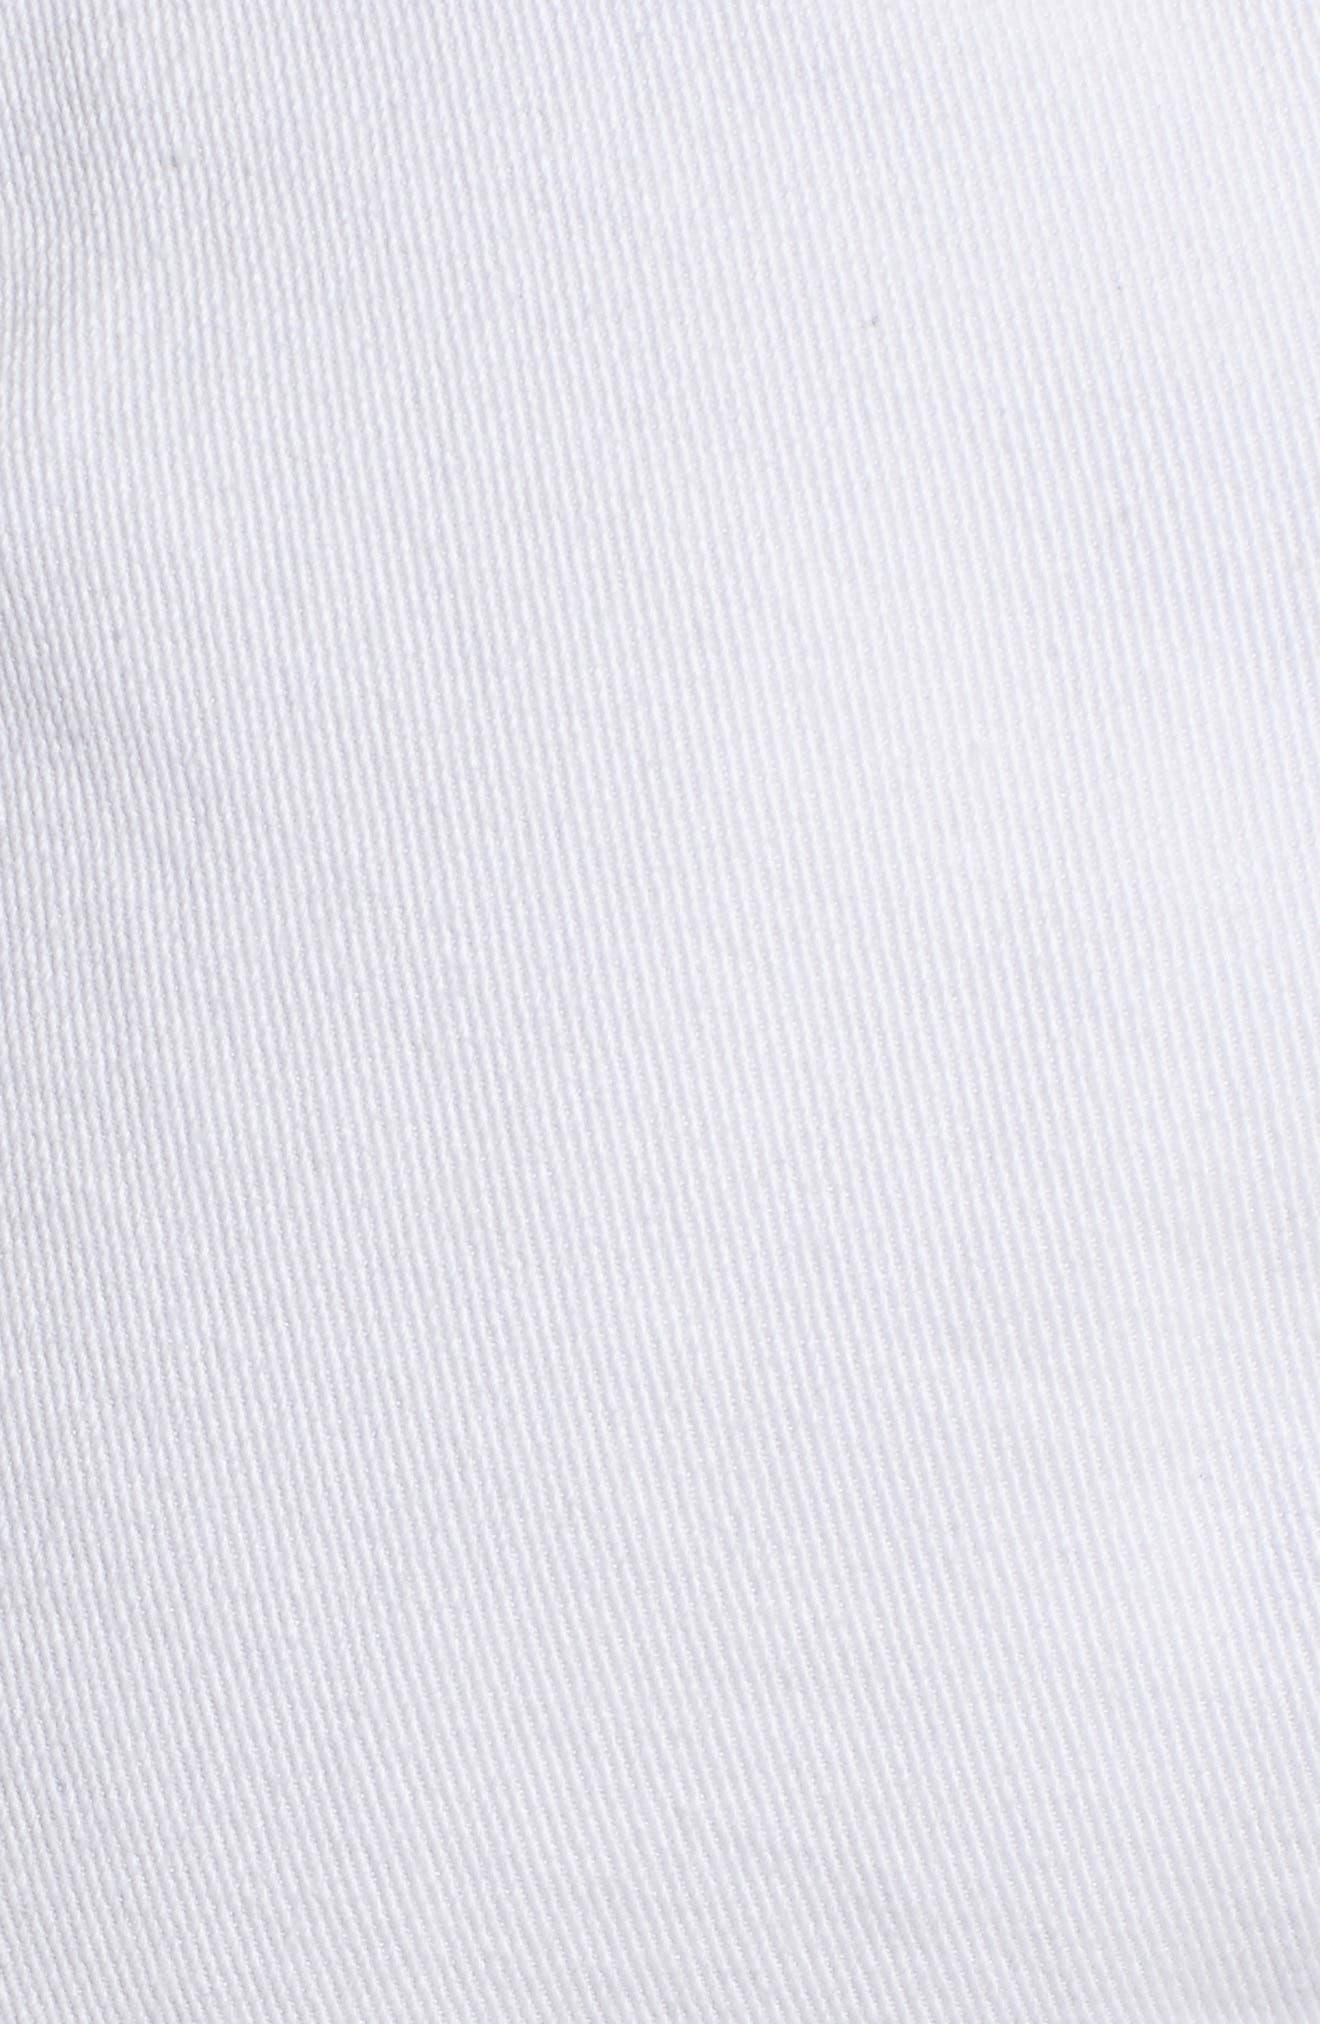 Soft Drape Utility Shorts,                             Alternate thumbnail 5, color,                             White